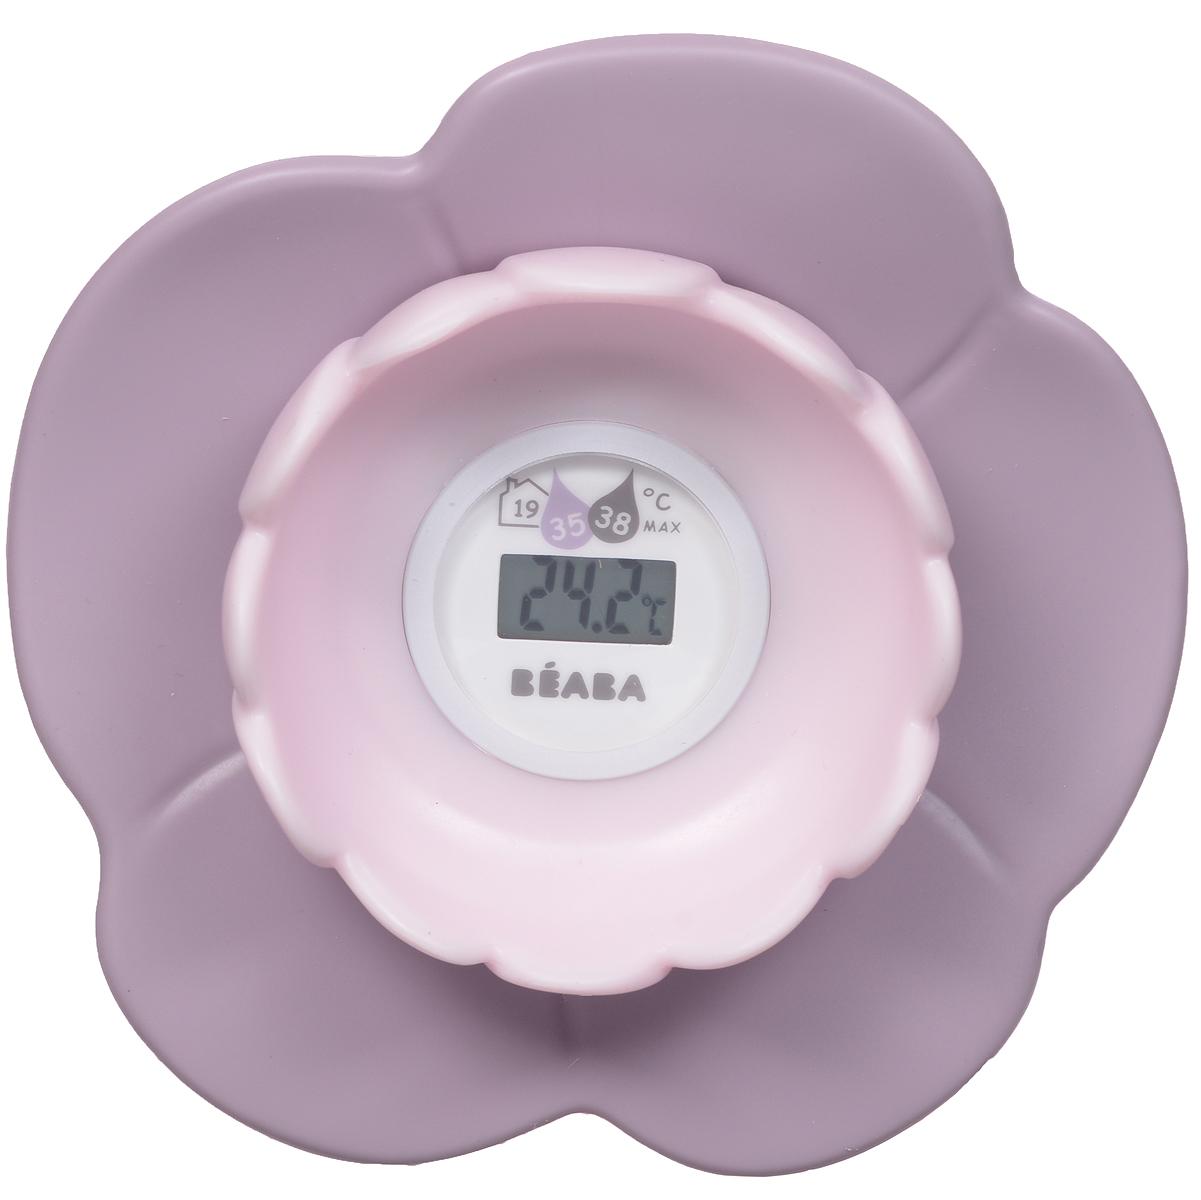 """Цифровой термометр для ванны и комнаты """"Lotus"""" позволяет определить температуру воды, обеспечивающую комфортное купание ребенка. Термометр, выполненный в виде лотоса, показывает точную температуру воды в ванне или температуру воздуха в помещении. Дизайн термометра позволяет ему с легкостью держаться на воде. Такой термометр незаменим для заботливых мамочек, а также он станет прекрасной игрушкой для малыша во время купания."""